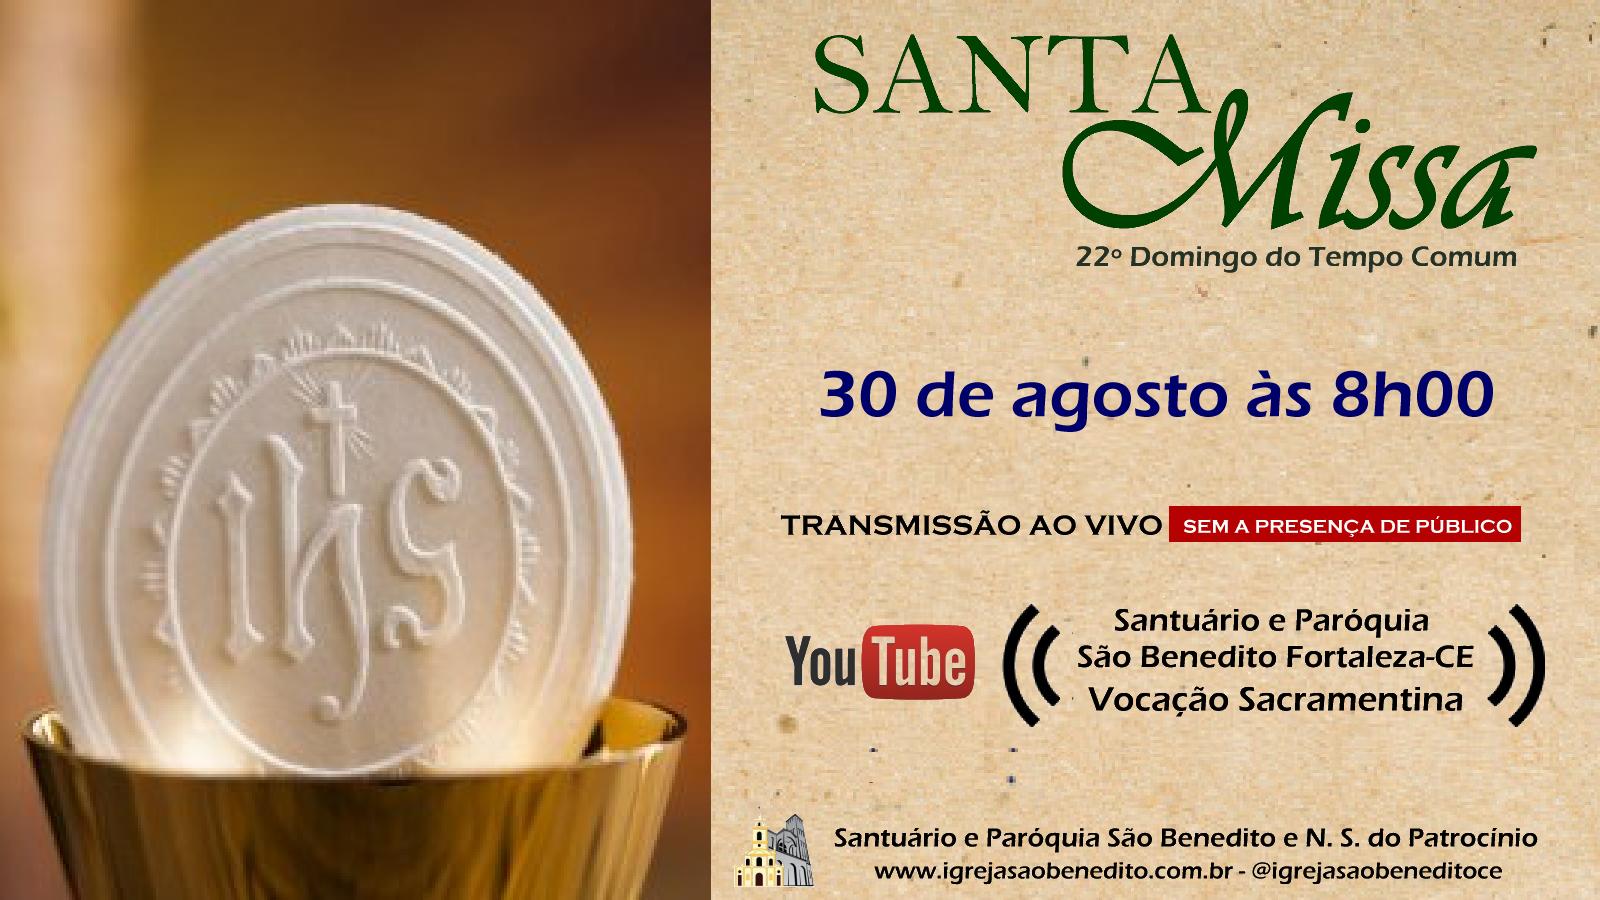 Santa Missa com transmissão ao vivo, 30/08. Participe!